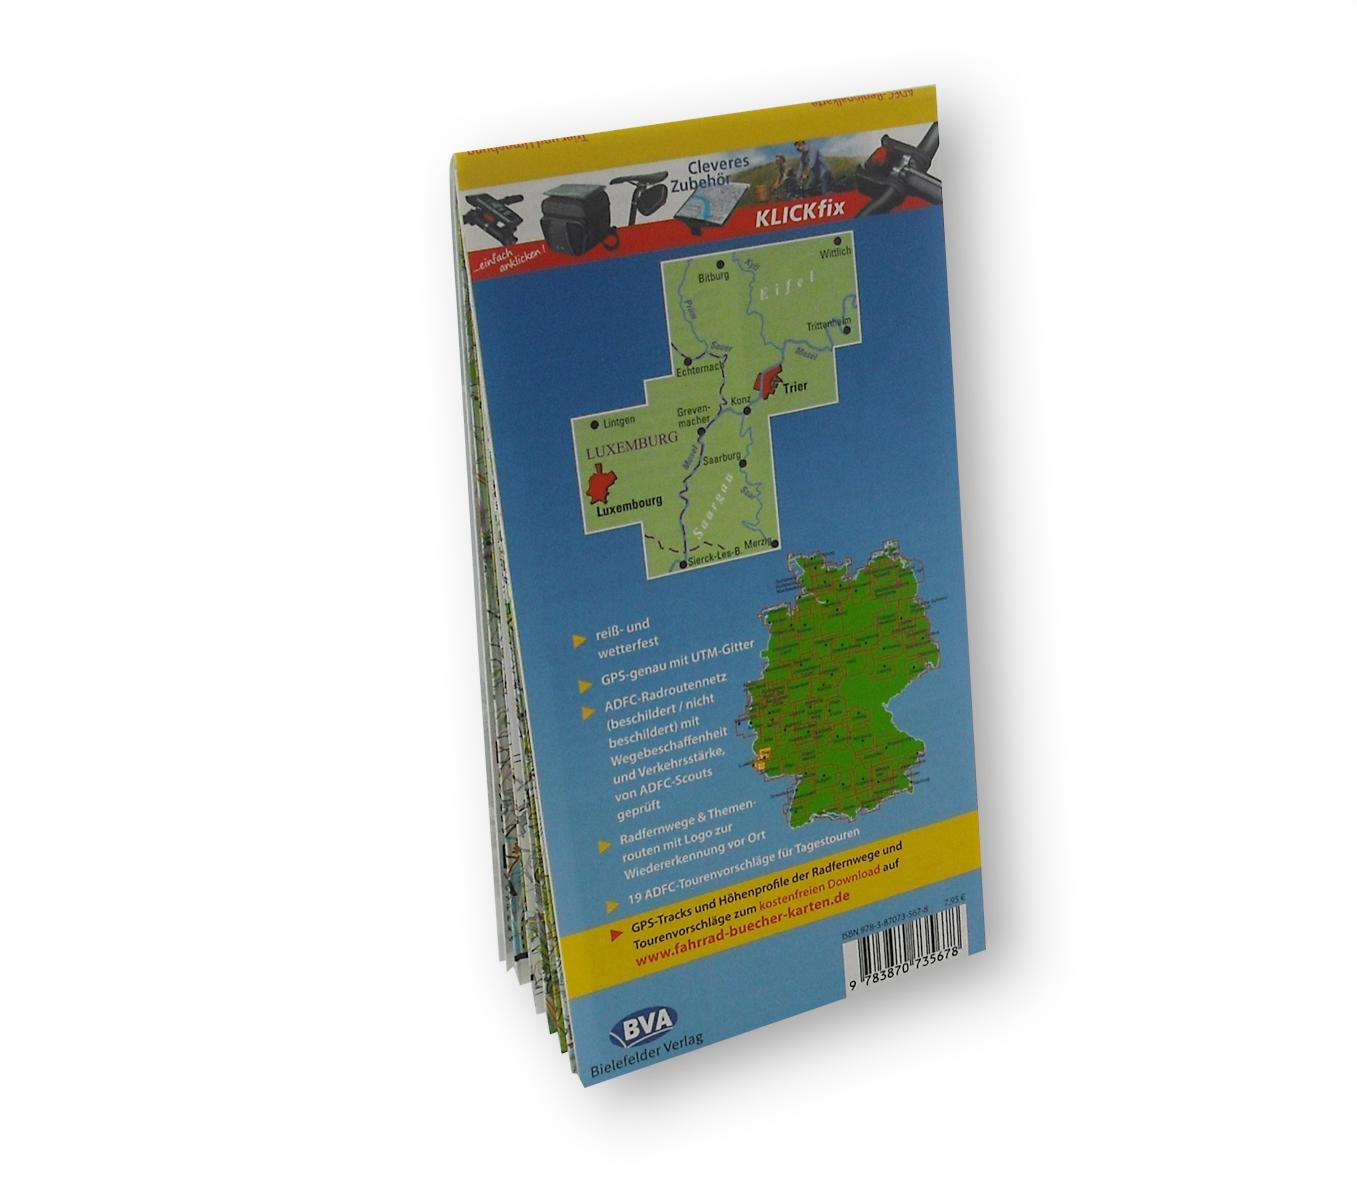 Trier Karte Umgebung.Adfc Radtourenkarte Trier Und Umgebung